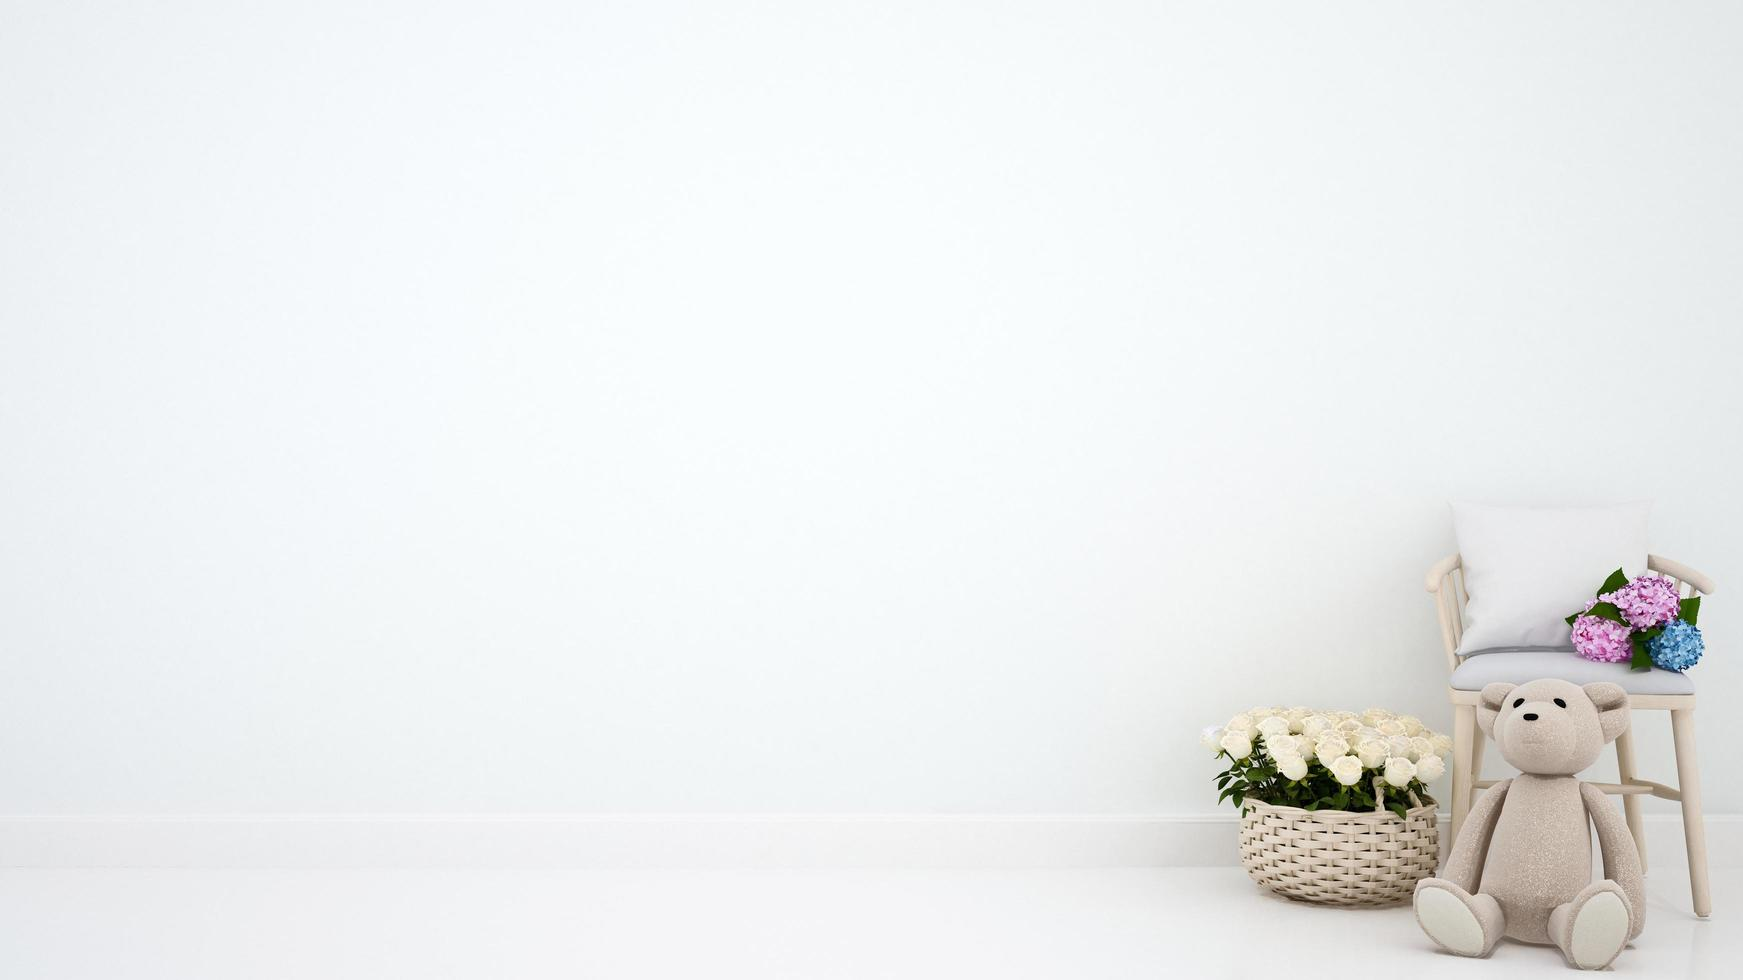 osito de peluche con sillón y flor para obras de arte foto